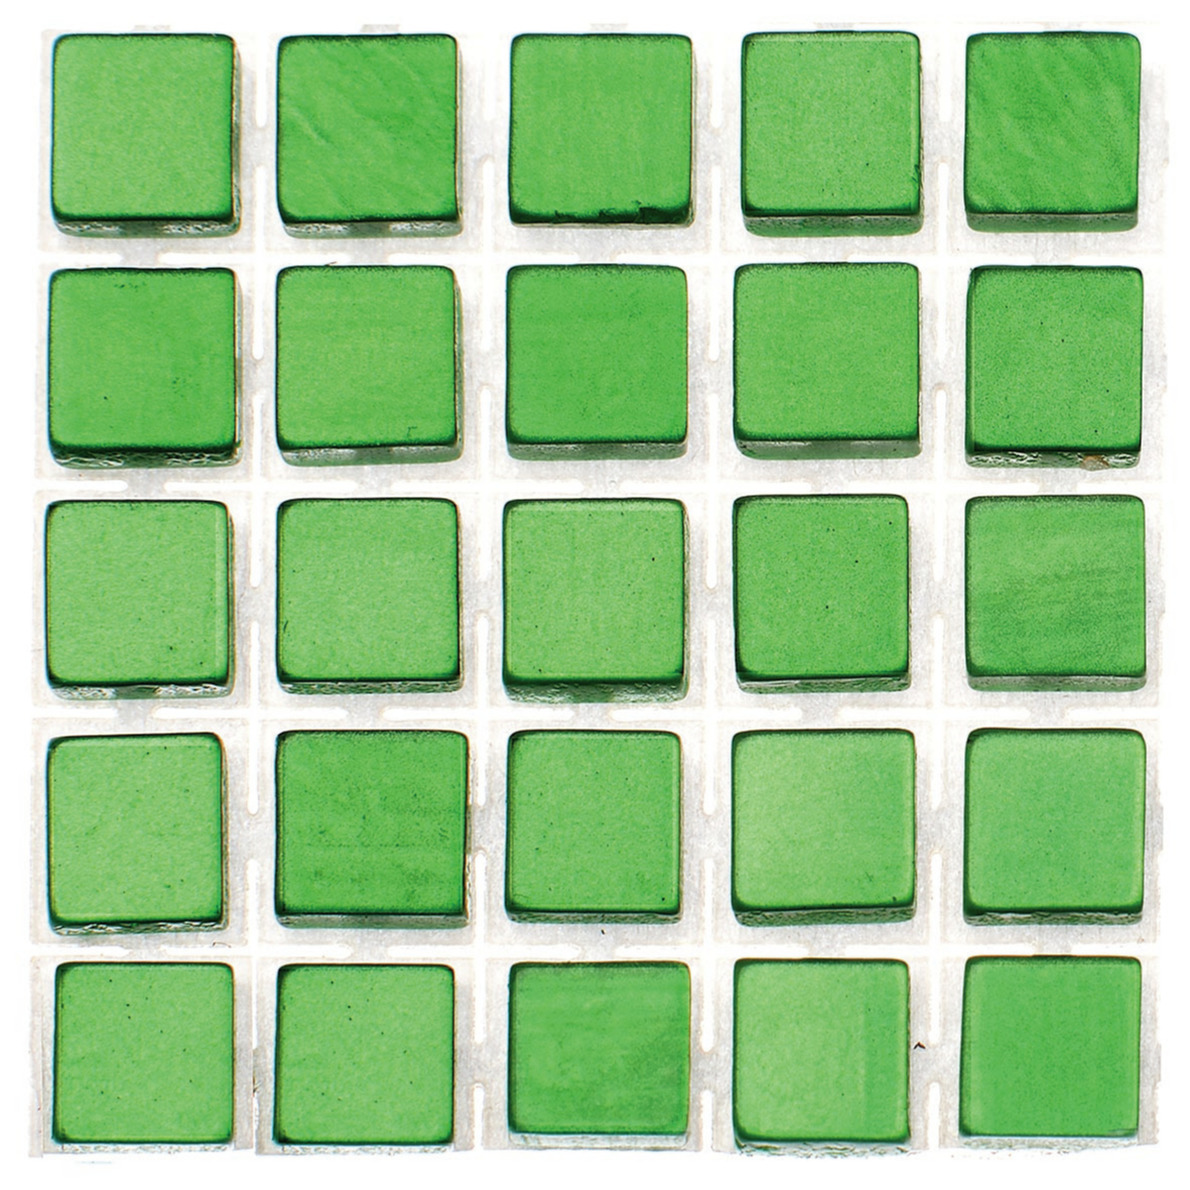 119x stuks mozaieken maken steentjes-tegels kleur groen 5 x 5 x 2 mm